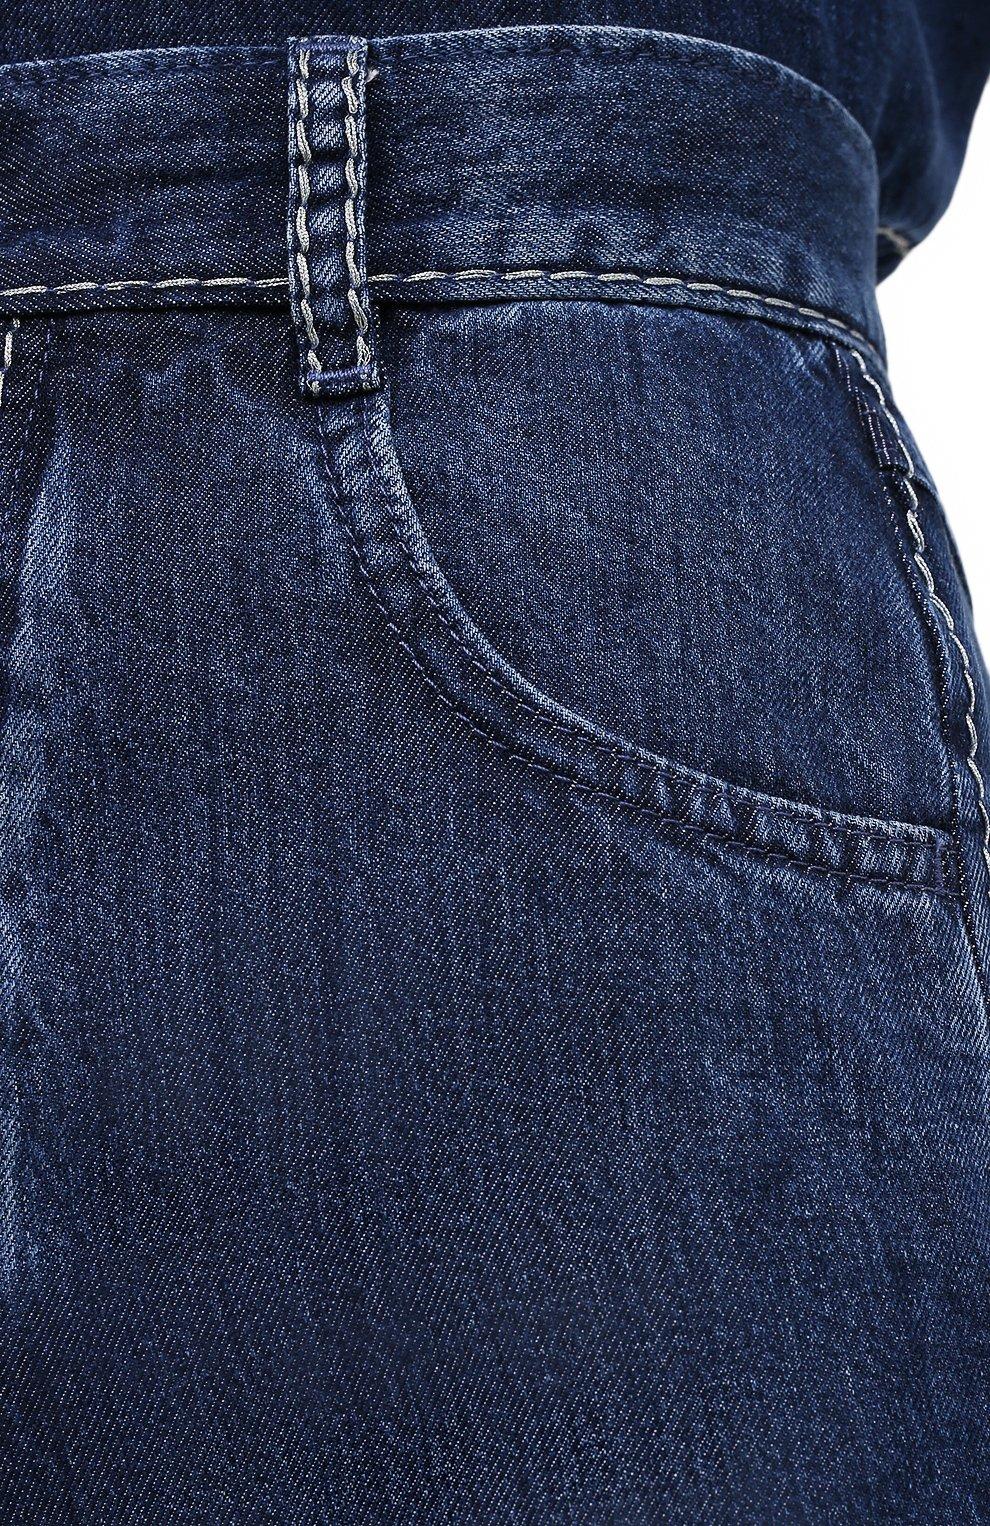 купить темно синие джинсы женские 2021